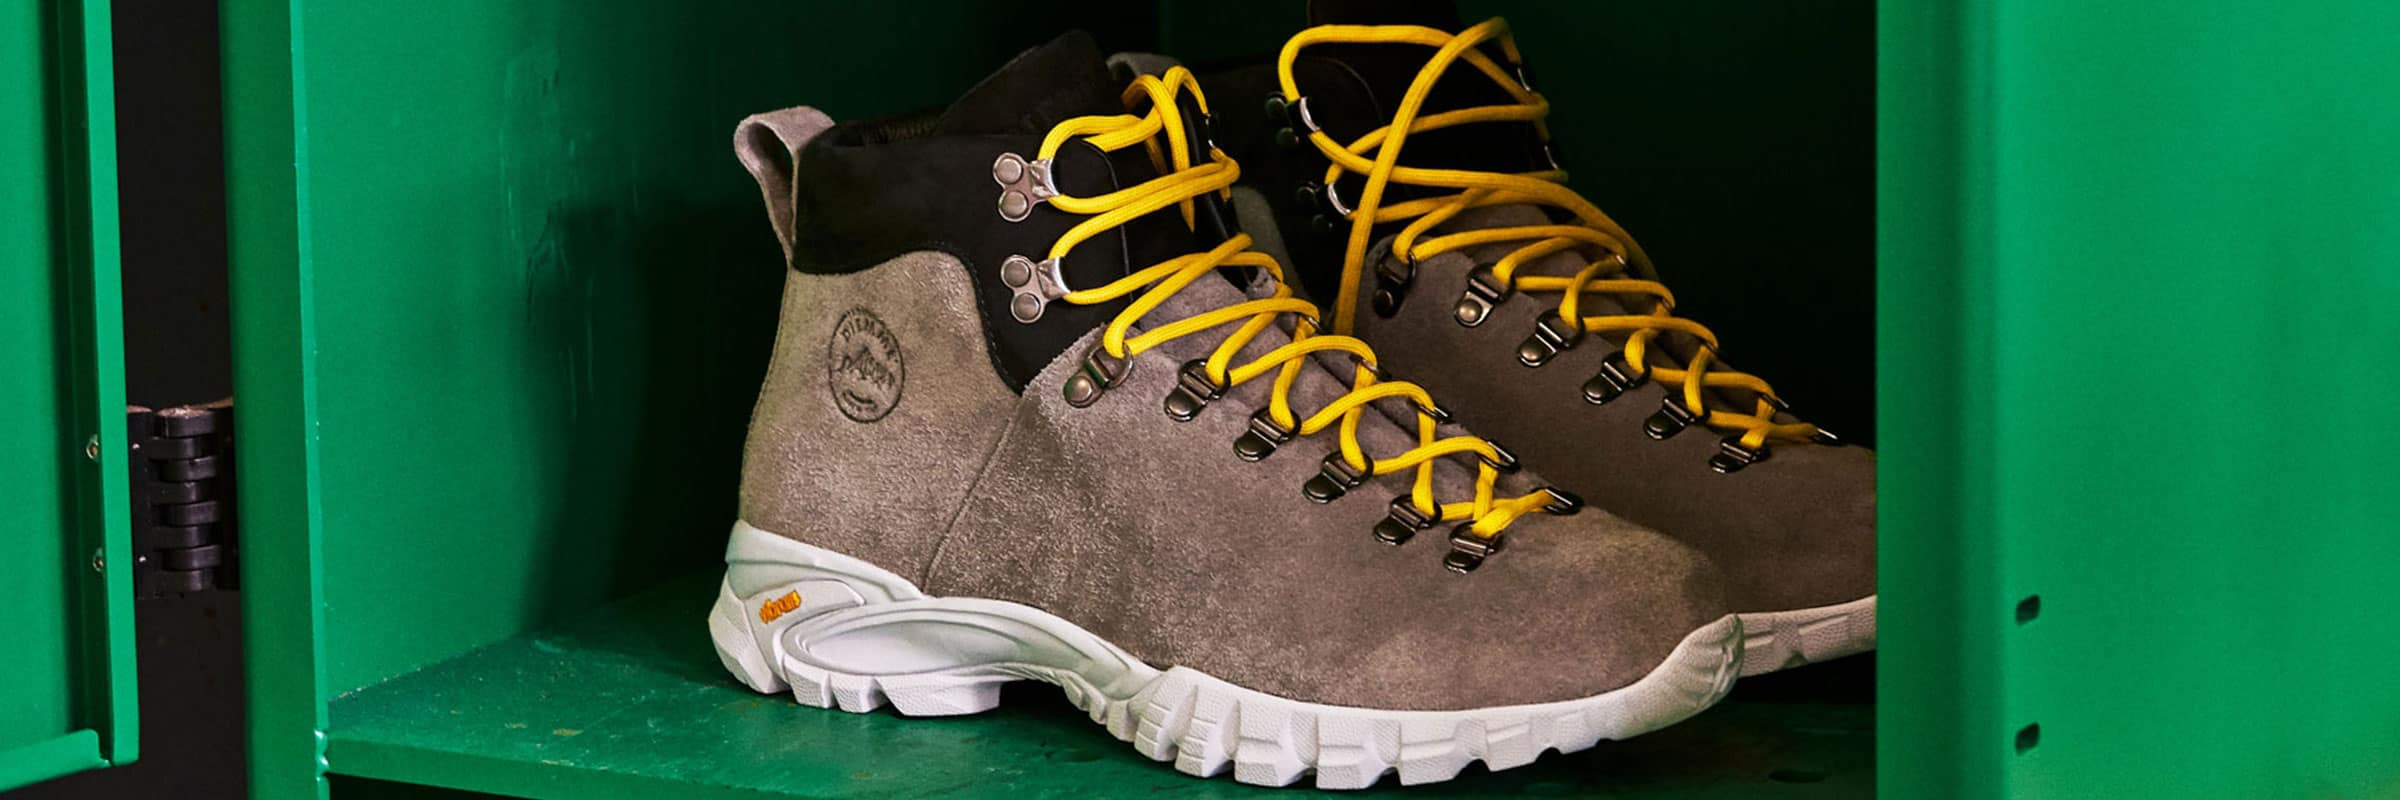 Diemme, Grenson, Red Wing Shoes, Viberg, Wolverine. 5 marques de souliers haut de gamme pour compléter vos tenues avec style